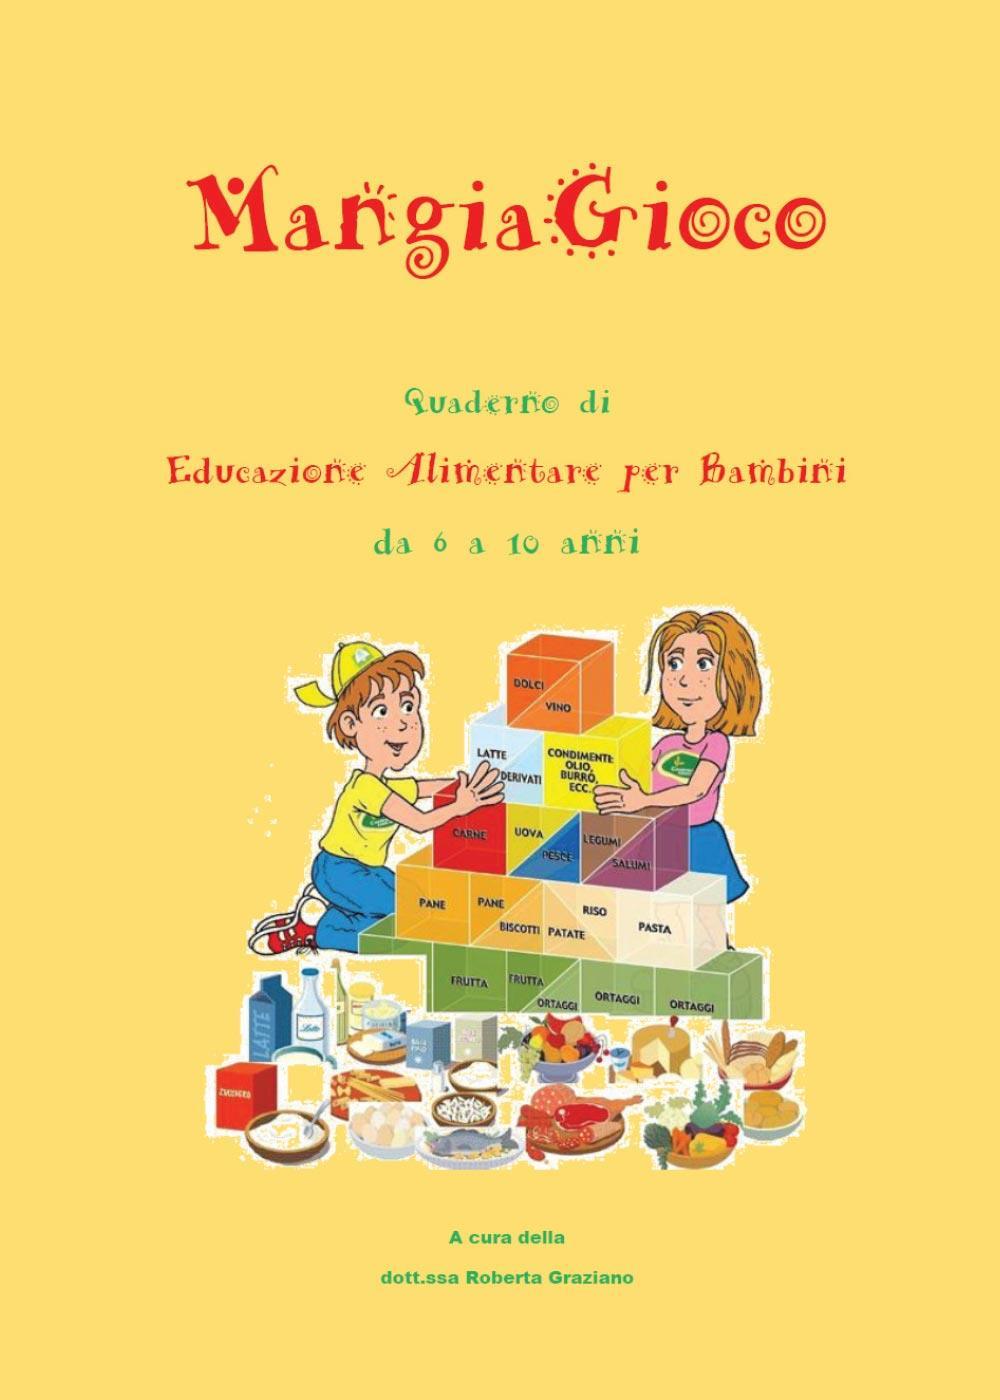 MangiaGioco. Quaderno di educazione alimentare per bambini da 6 a 10 anni